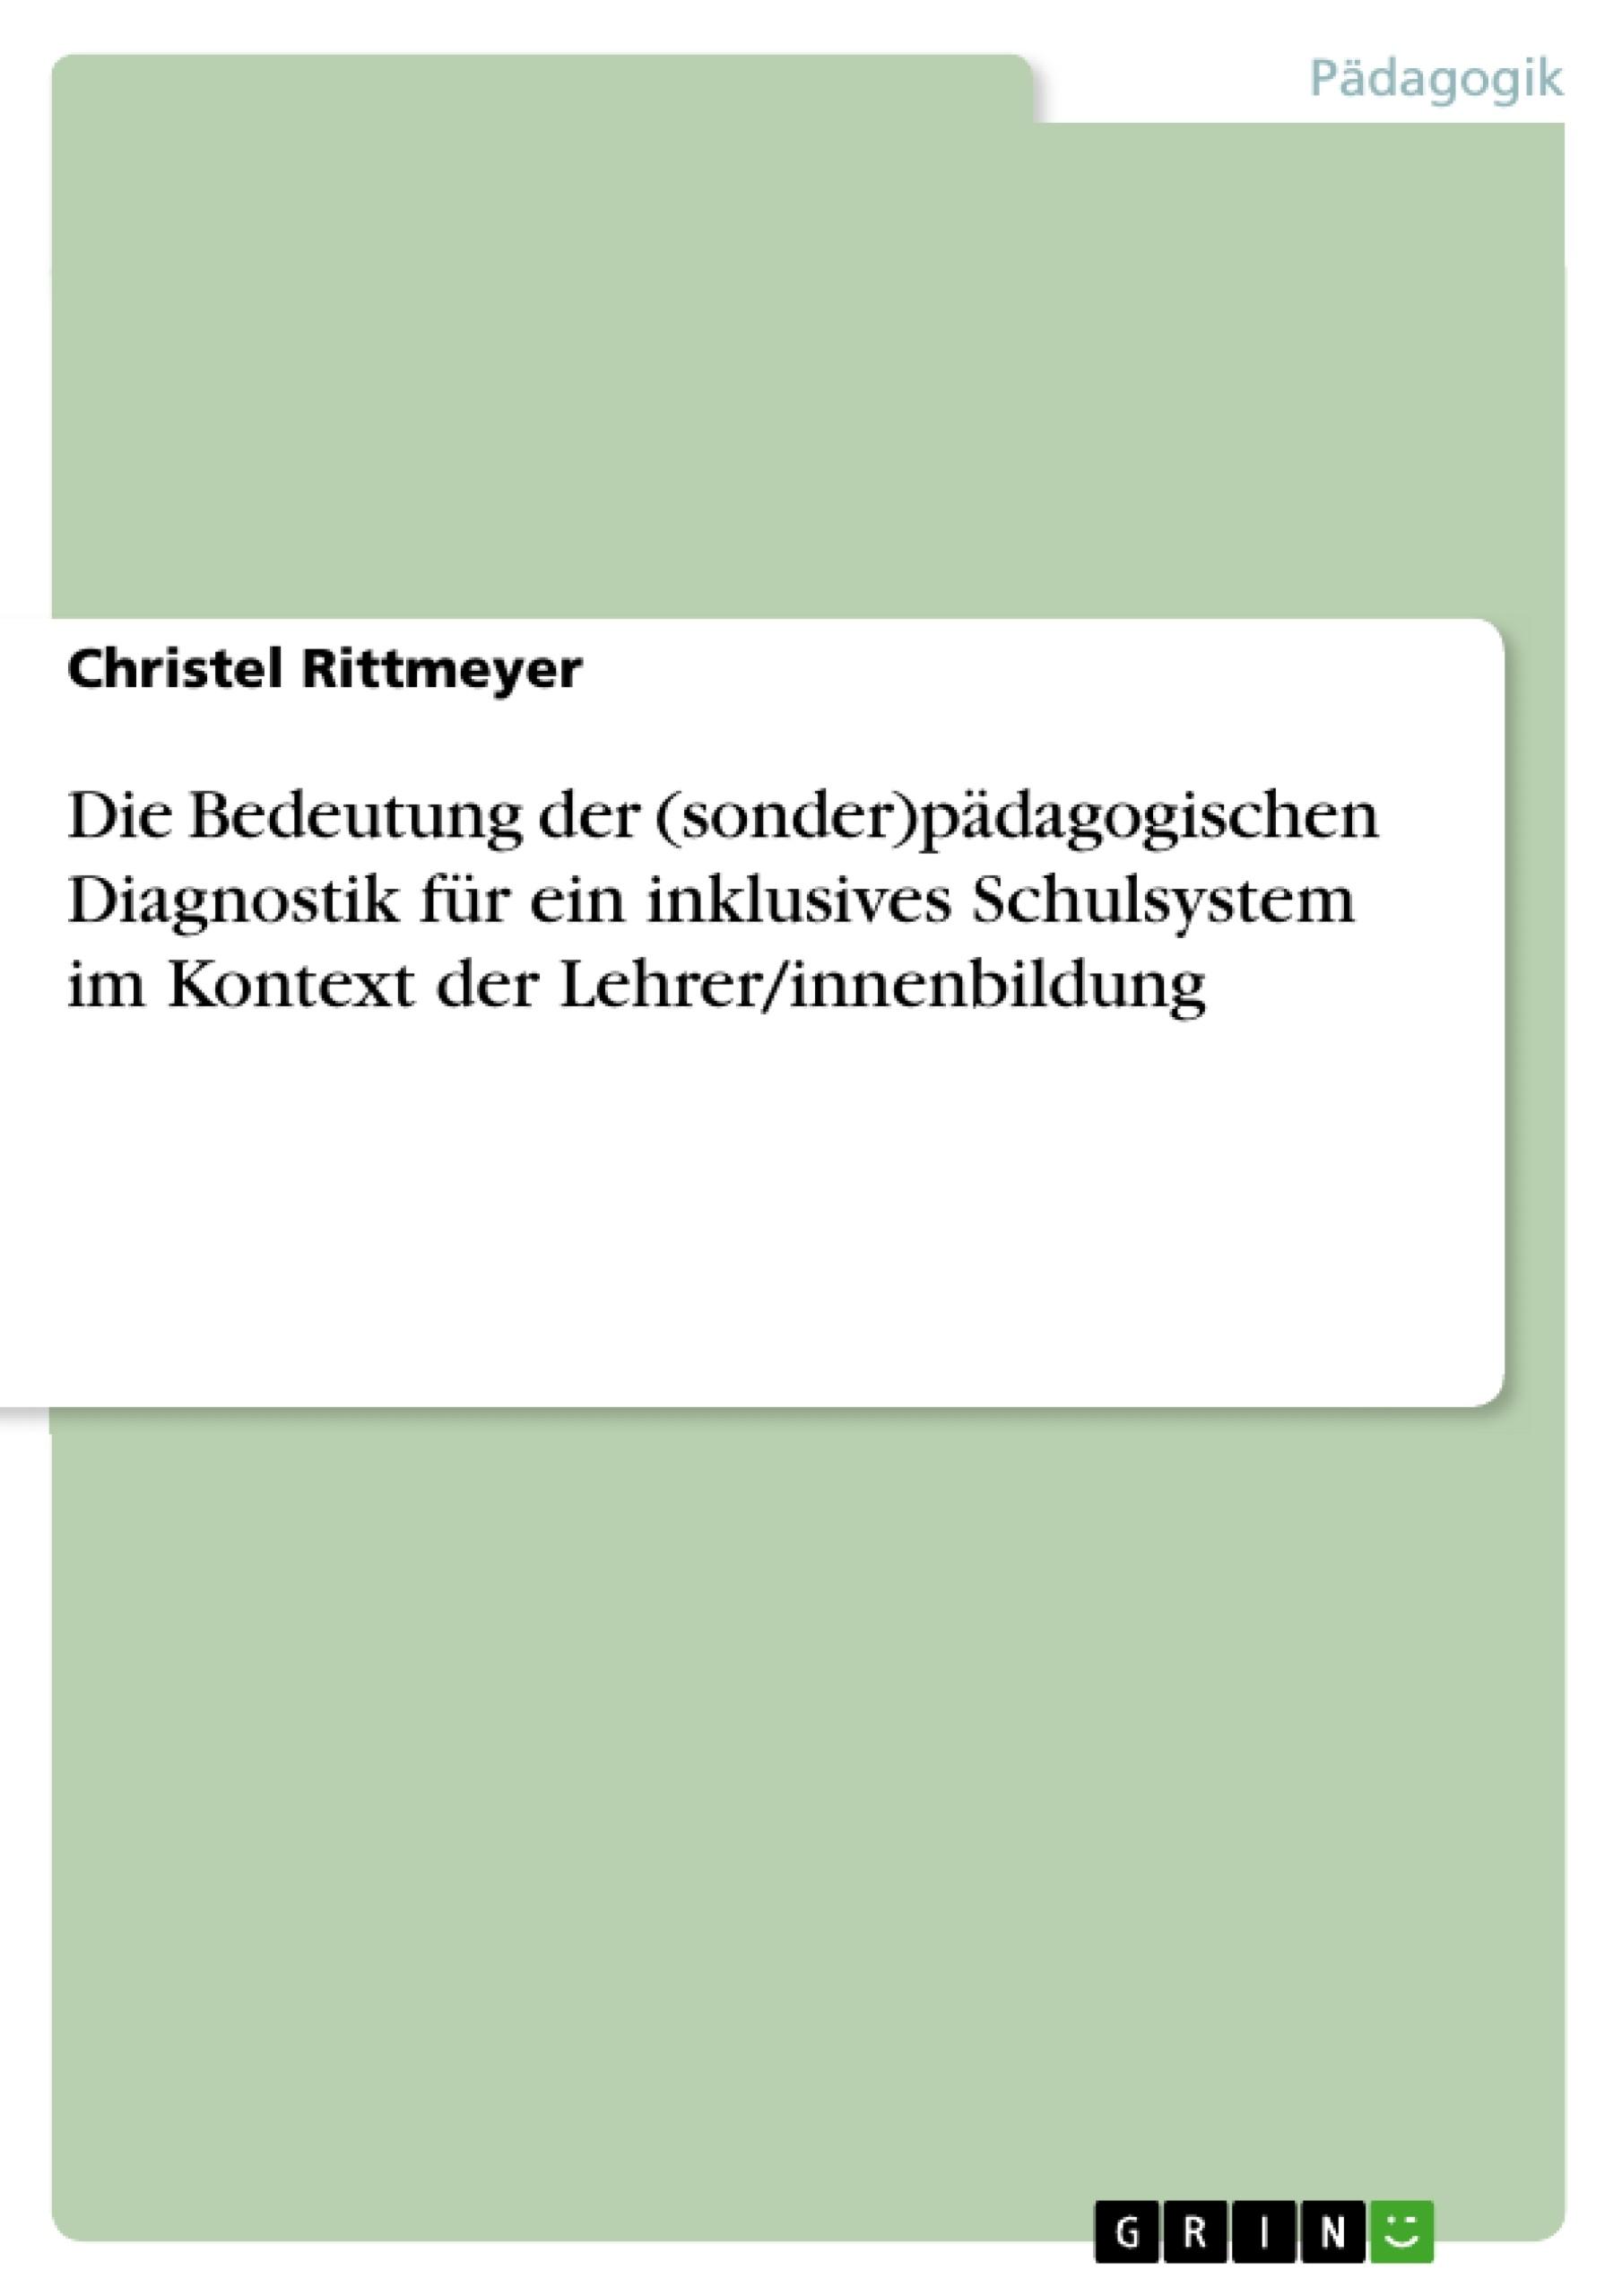 Titel: Die Bedeutung der (sonder)pädagogischen Diagnostik für ein inklusives Schulsystem im Kontext der Lehrer/innenbildung